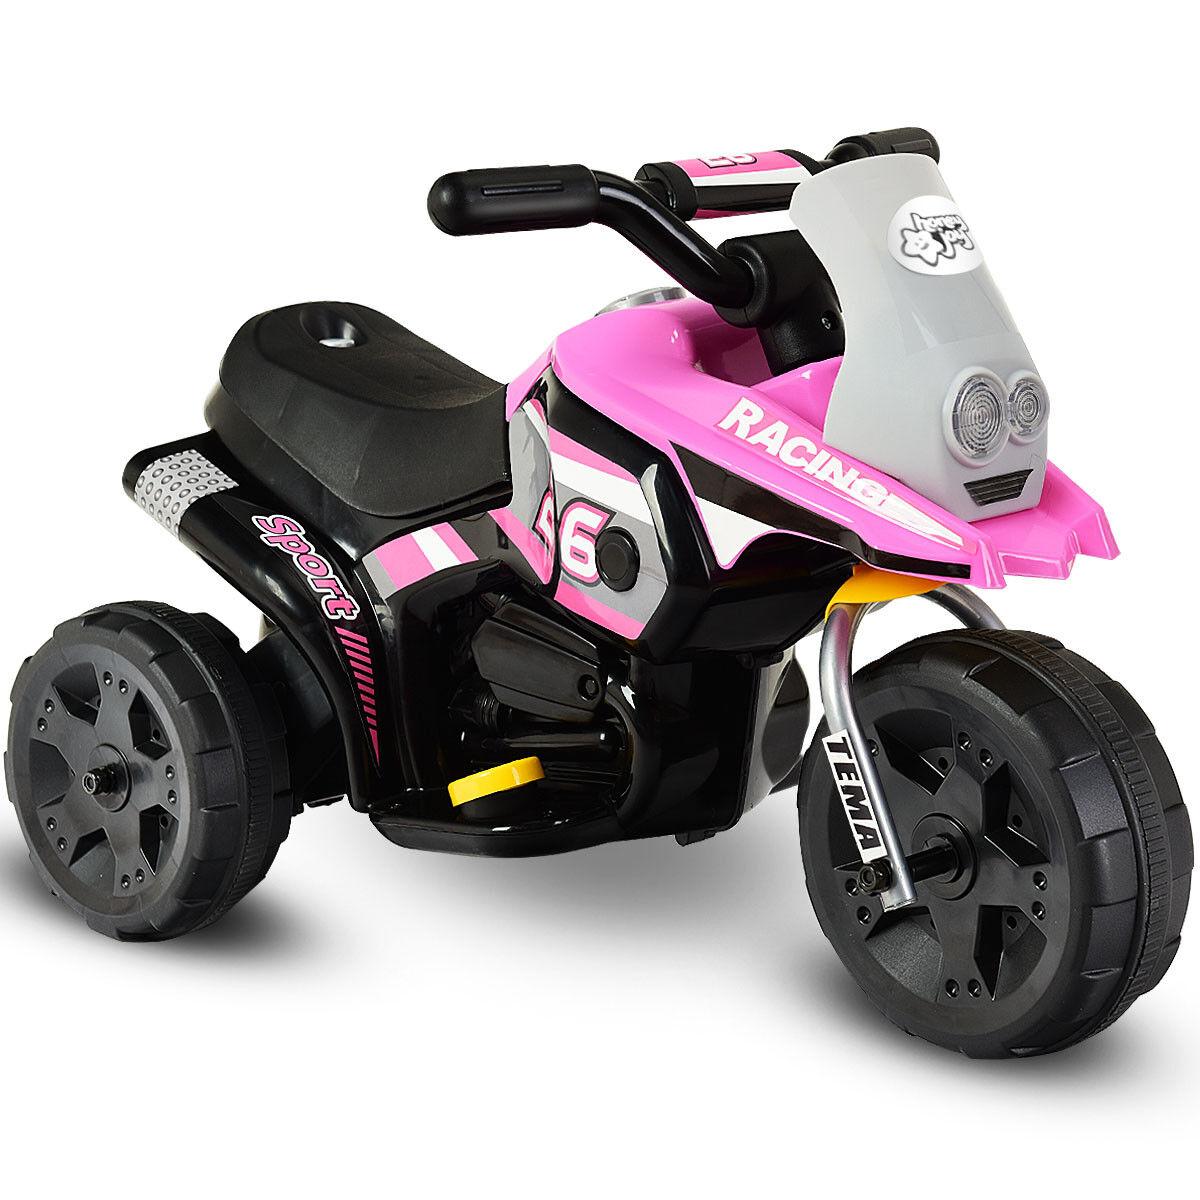 6v kindern mit dem batteriebetriebenen 3 rad fahrrad elektrische spielzeug Rosa neue